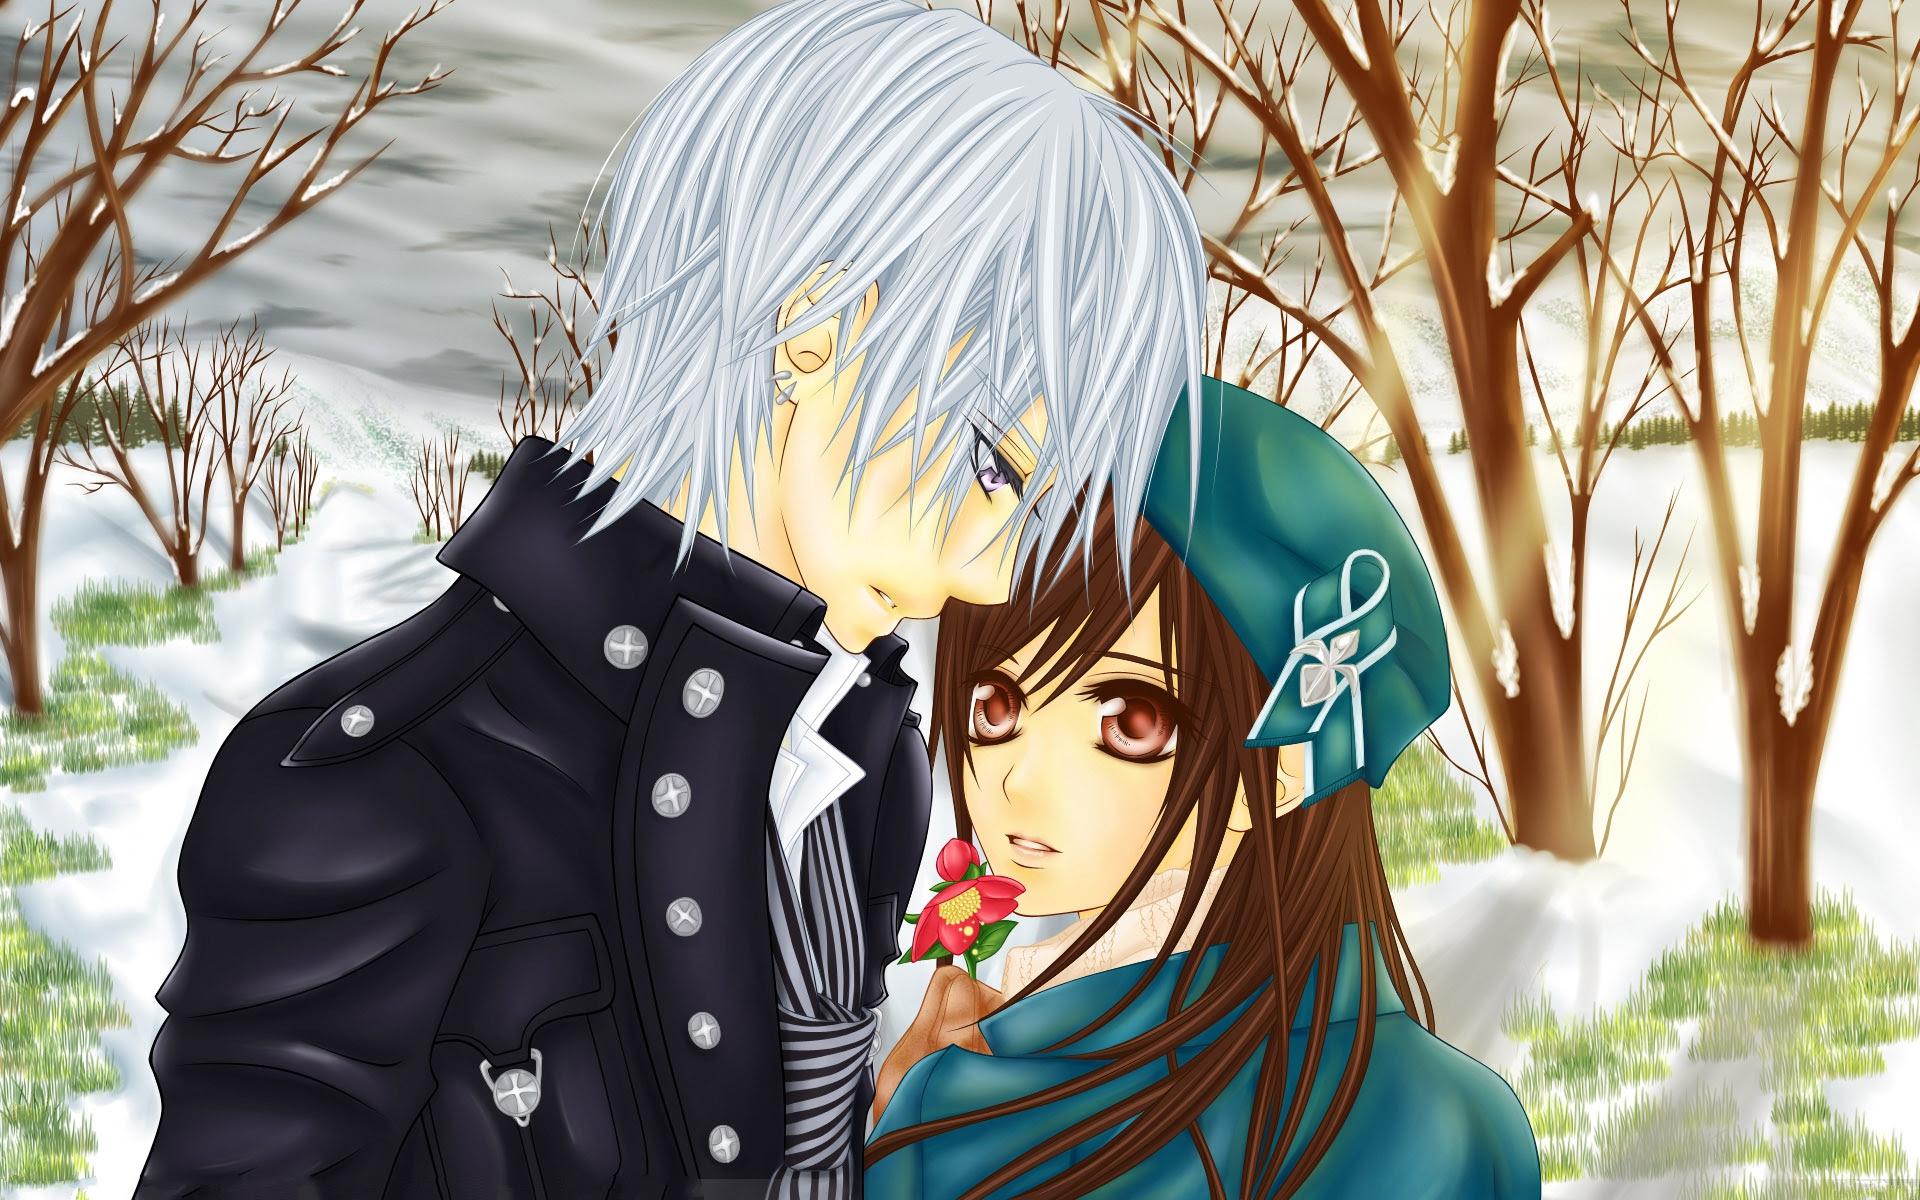 Cute Anime Couple HD Wallpapers | PixelsTalk.Net